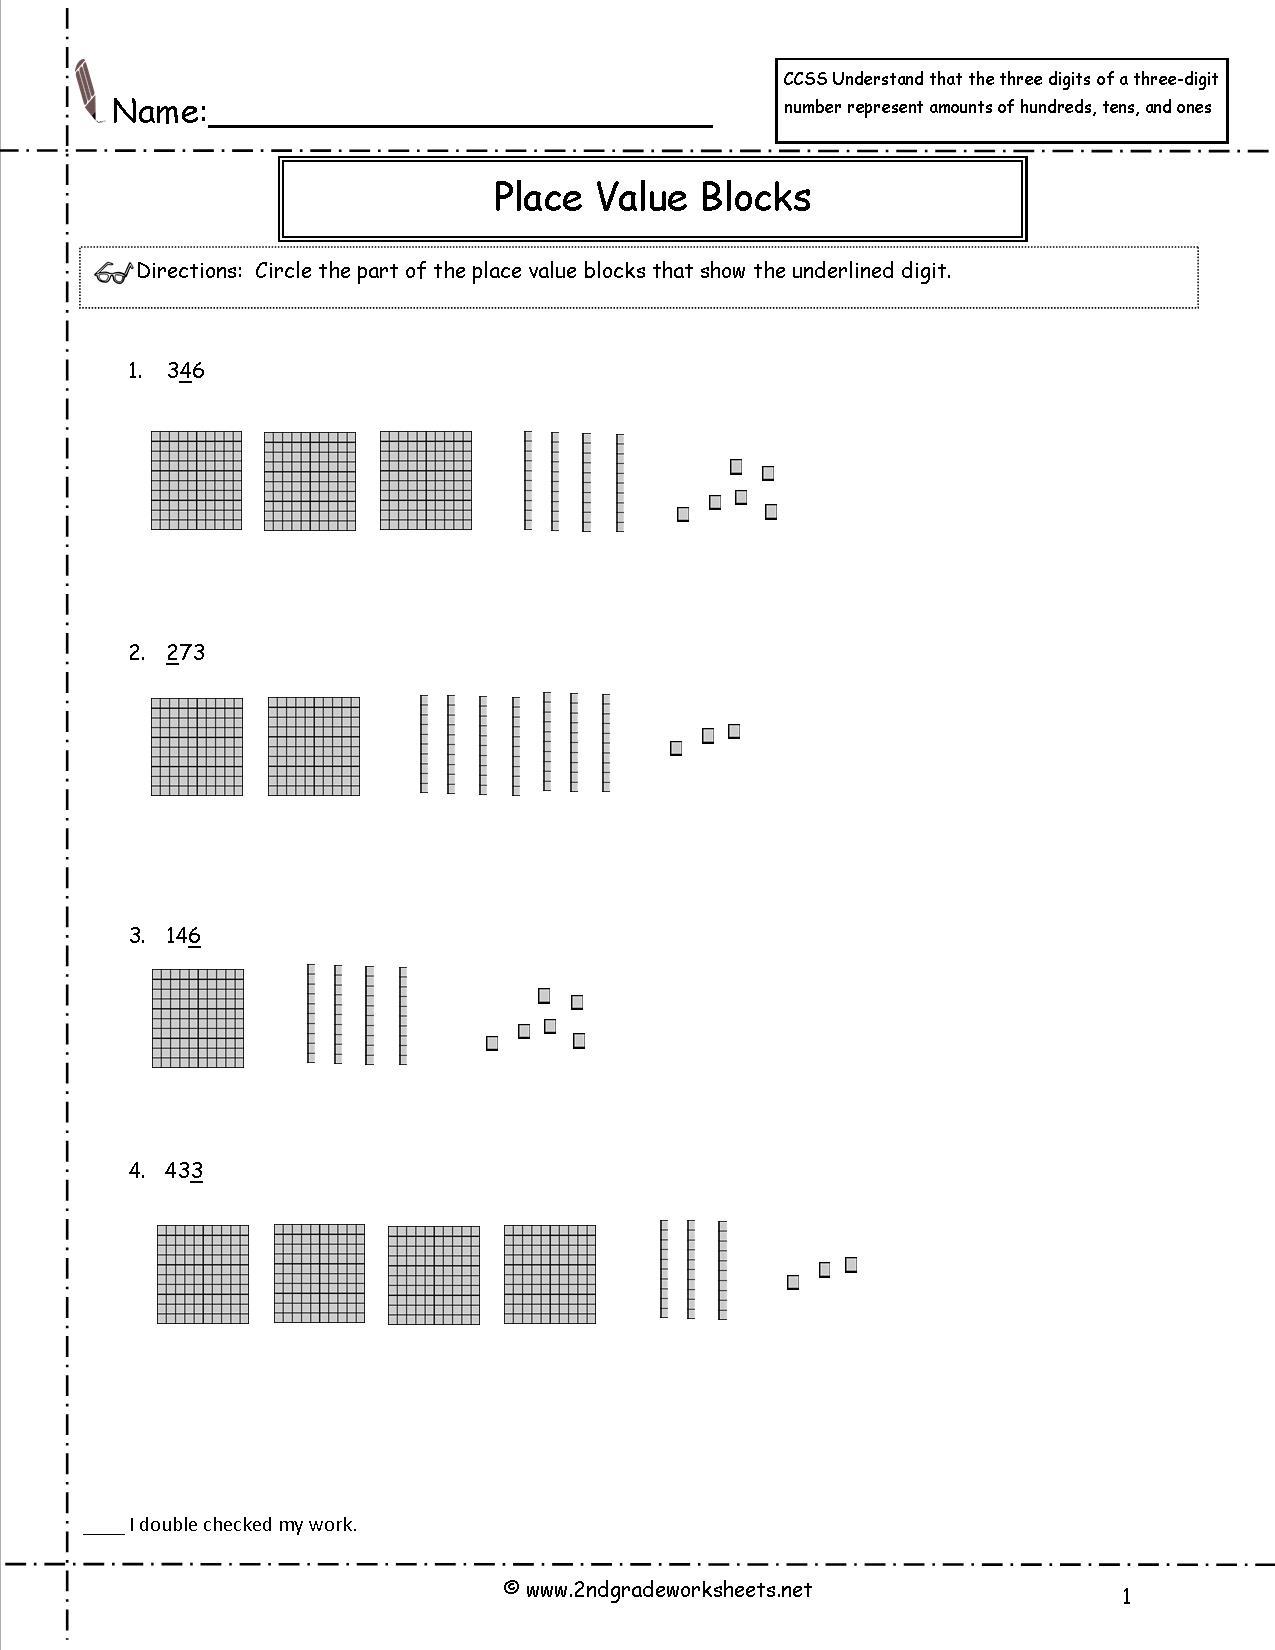 Ccss 2.nbt.1 Worksheets Place Value Worksheets. | Place Value Hundreds Tens Ones Worksheets Printable